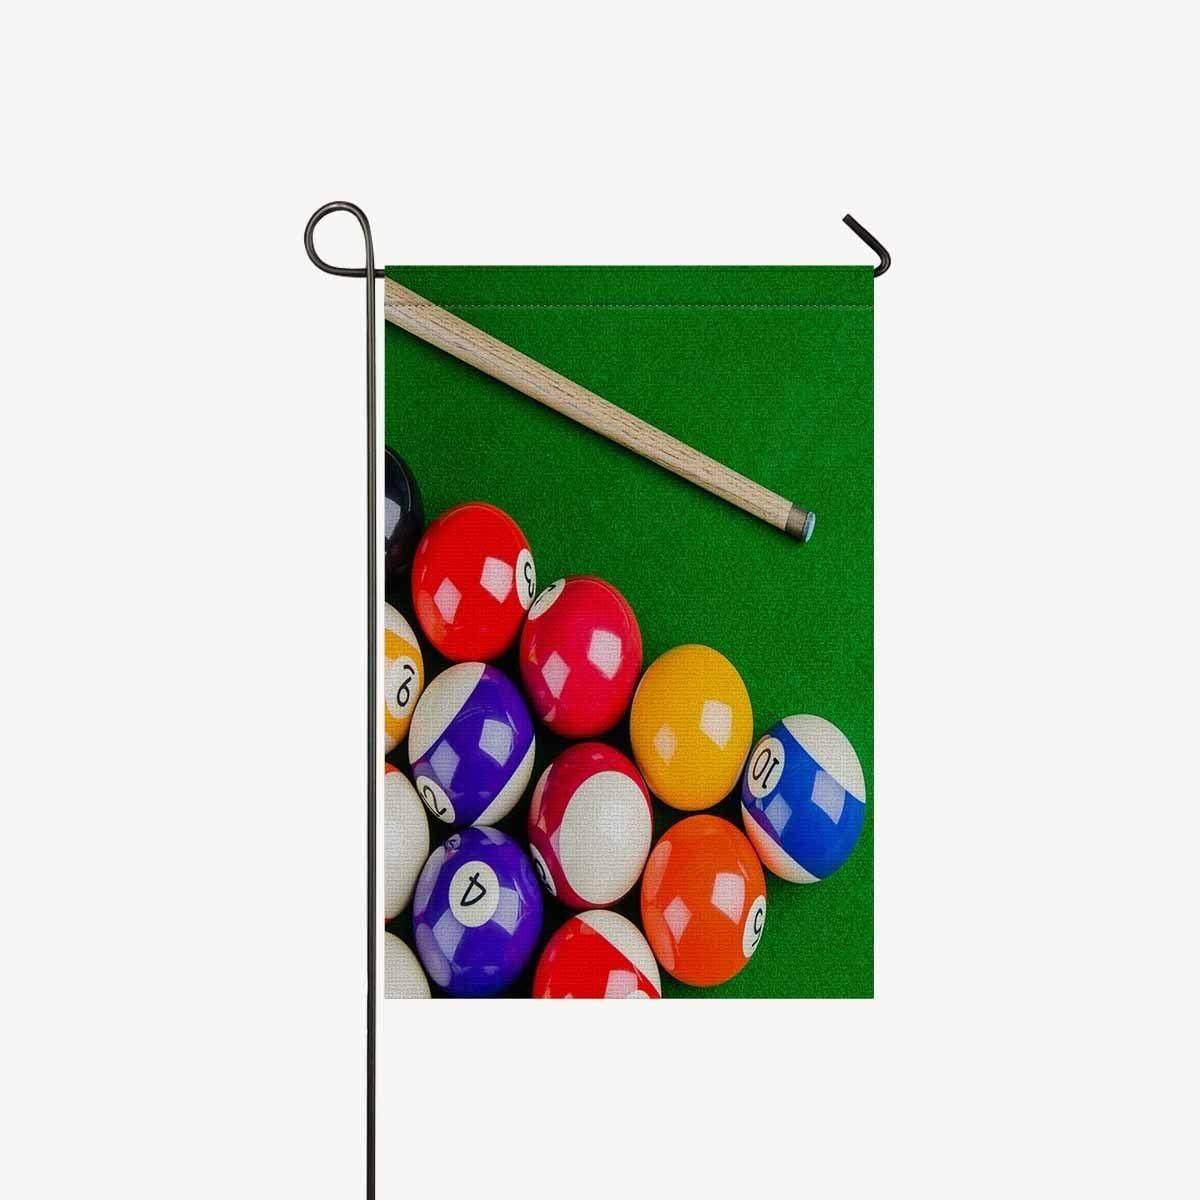 BoloHome Banderas de Jardín Bolas de Billar con Billar Cue Snooker ...